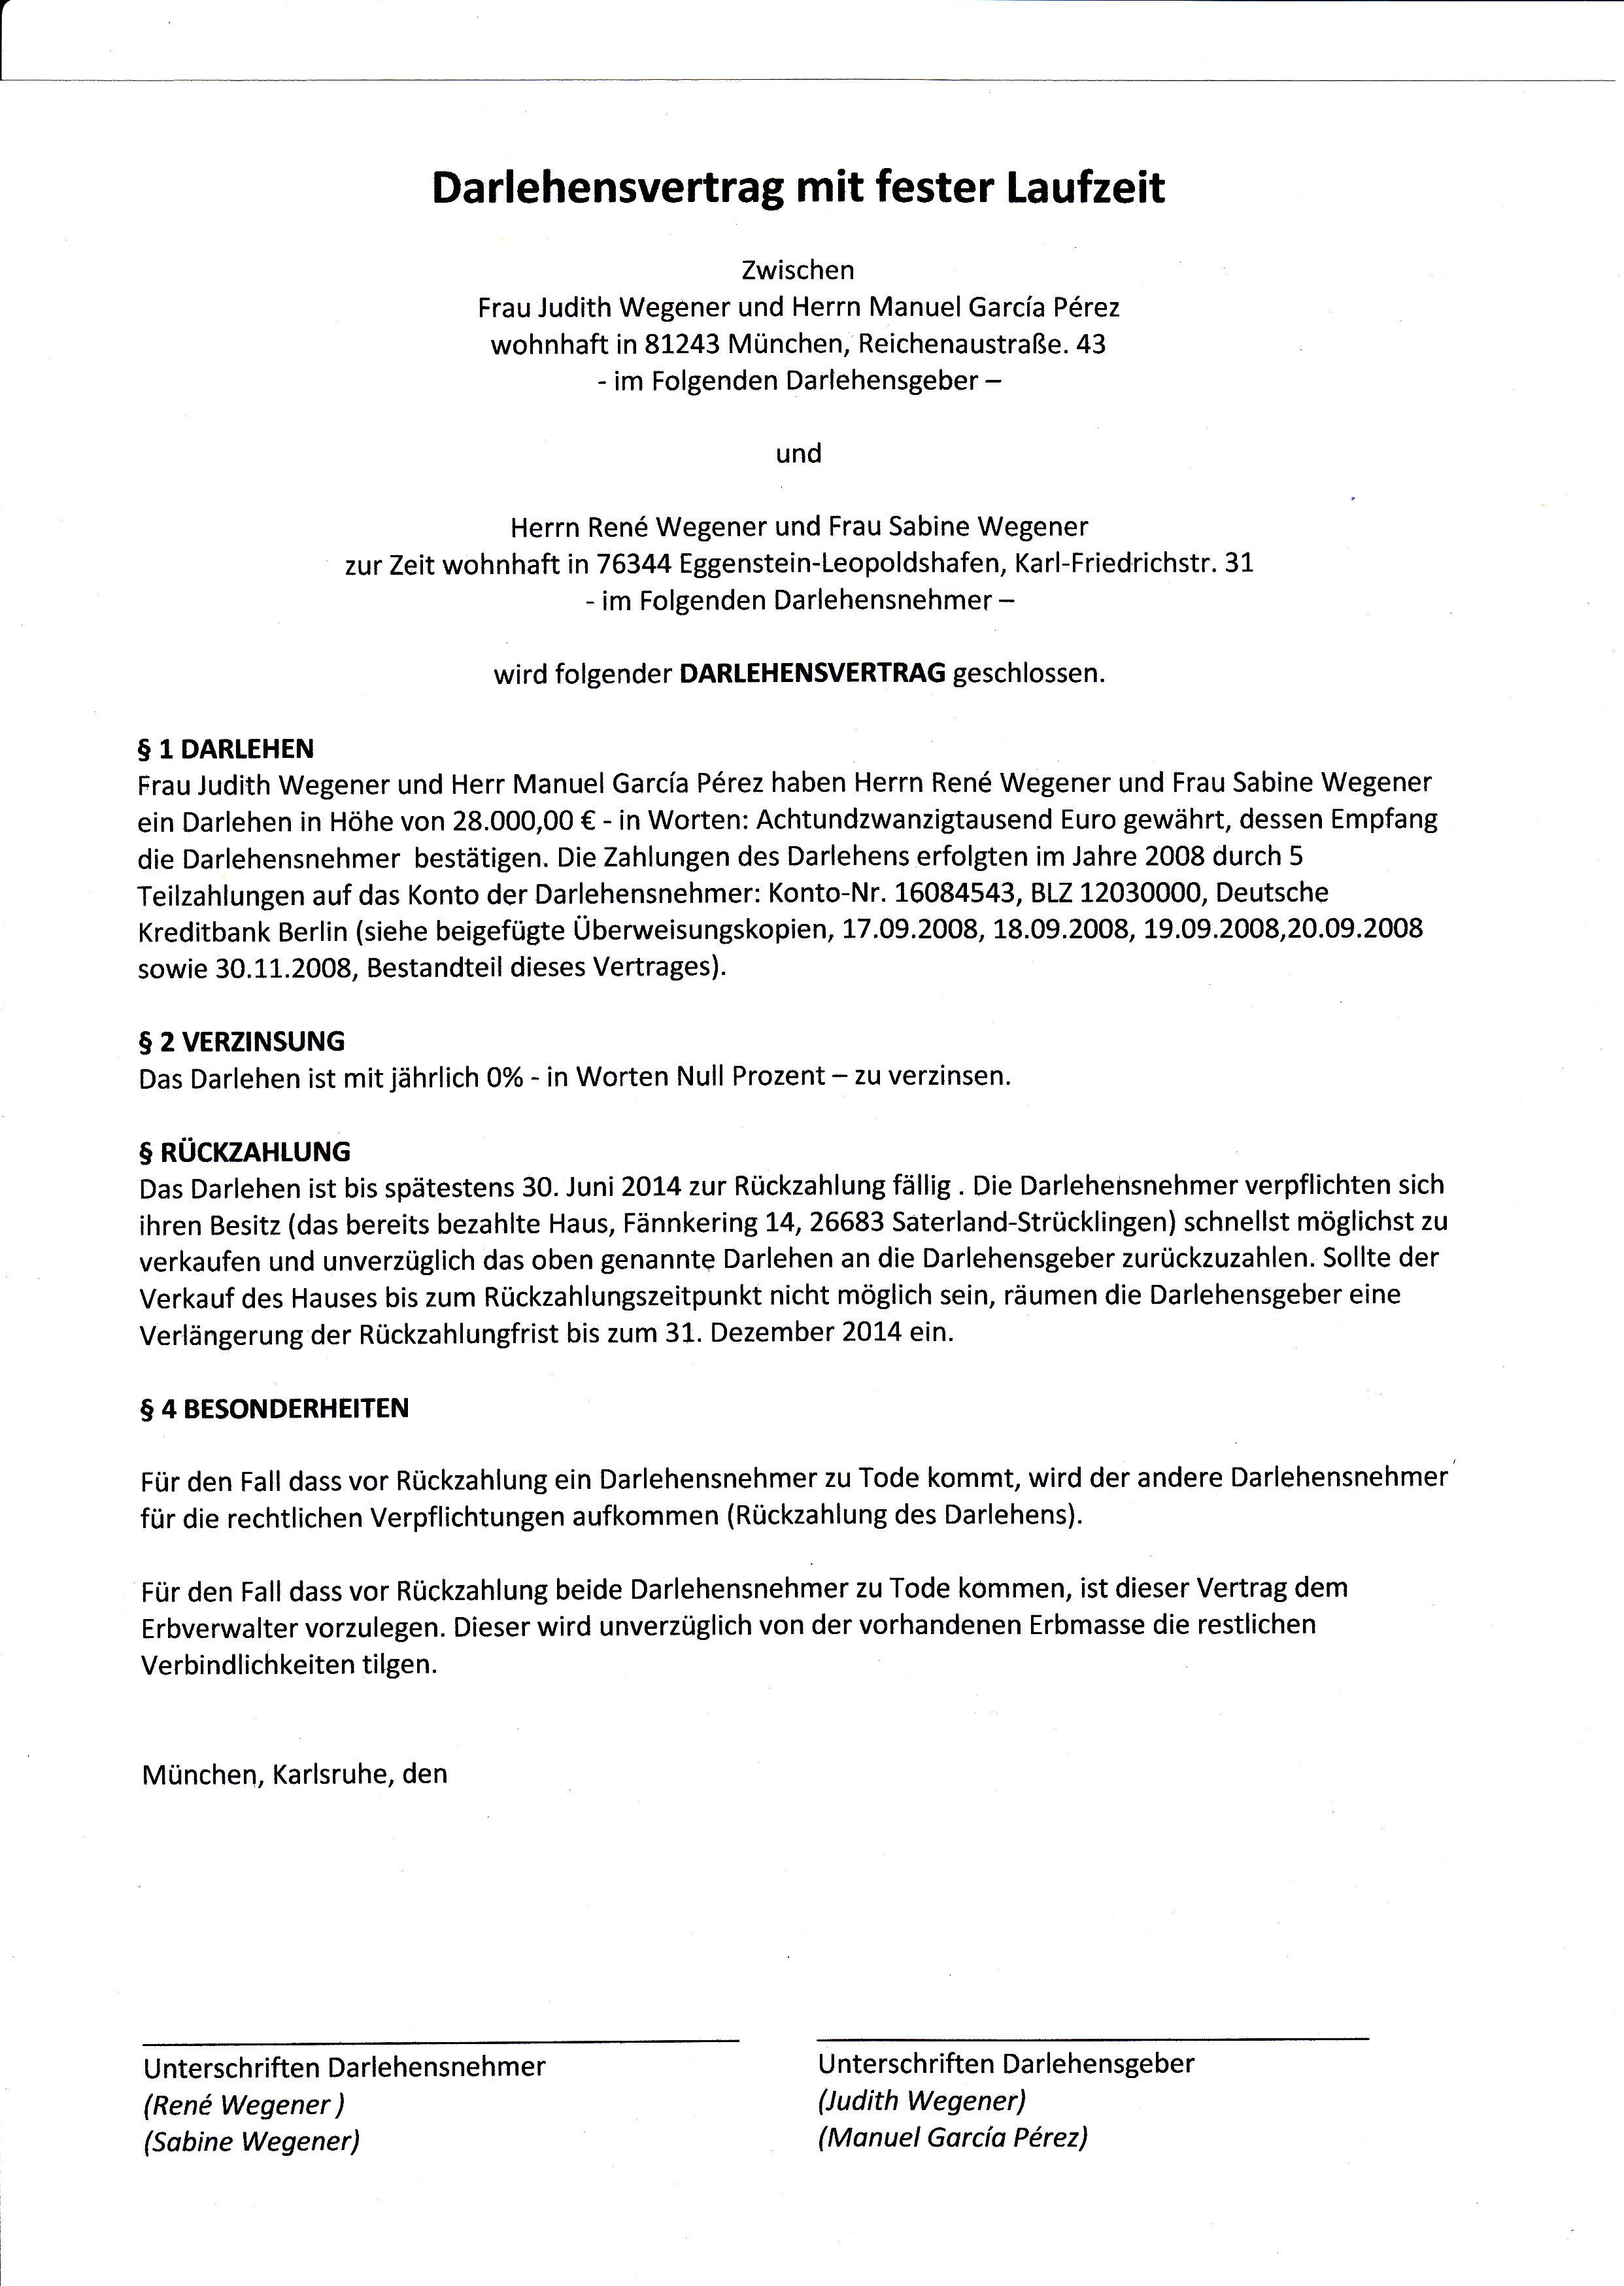 Attractive Vertrag Für Geld Darlehen Pattern - FORTSETZUNG ...